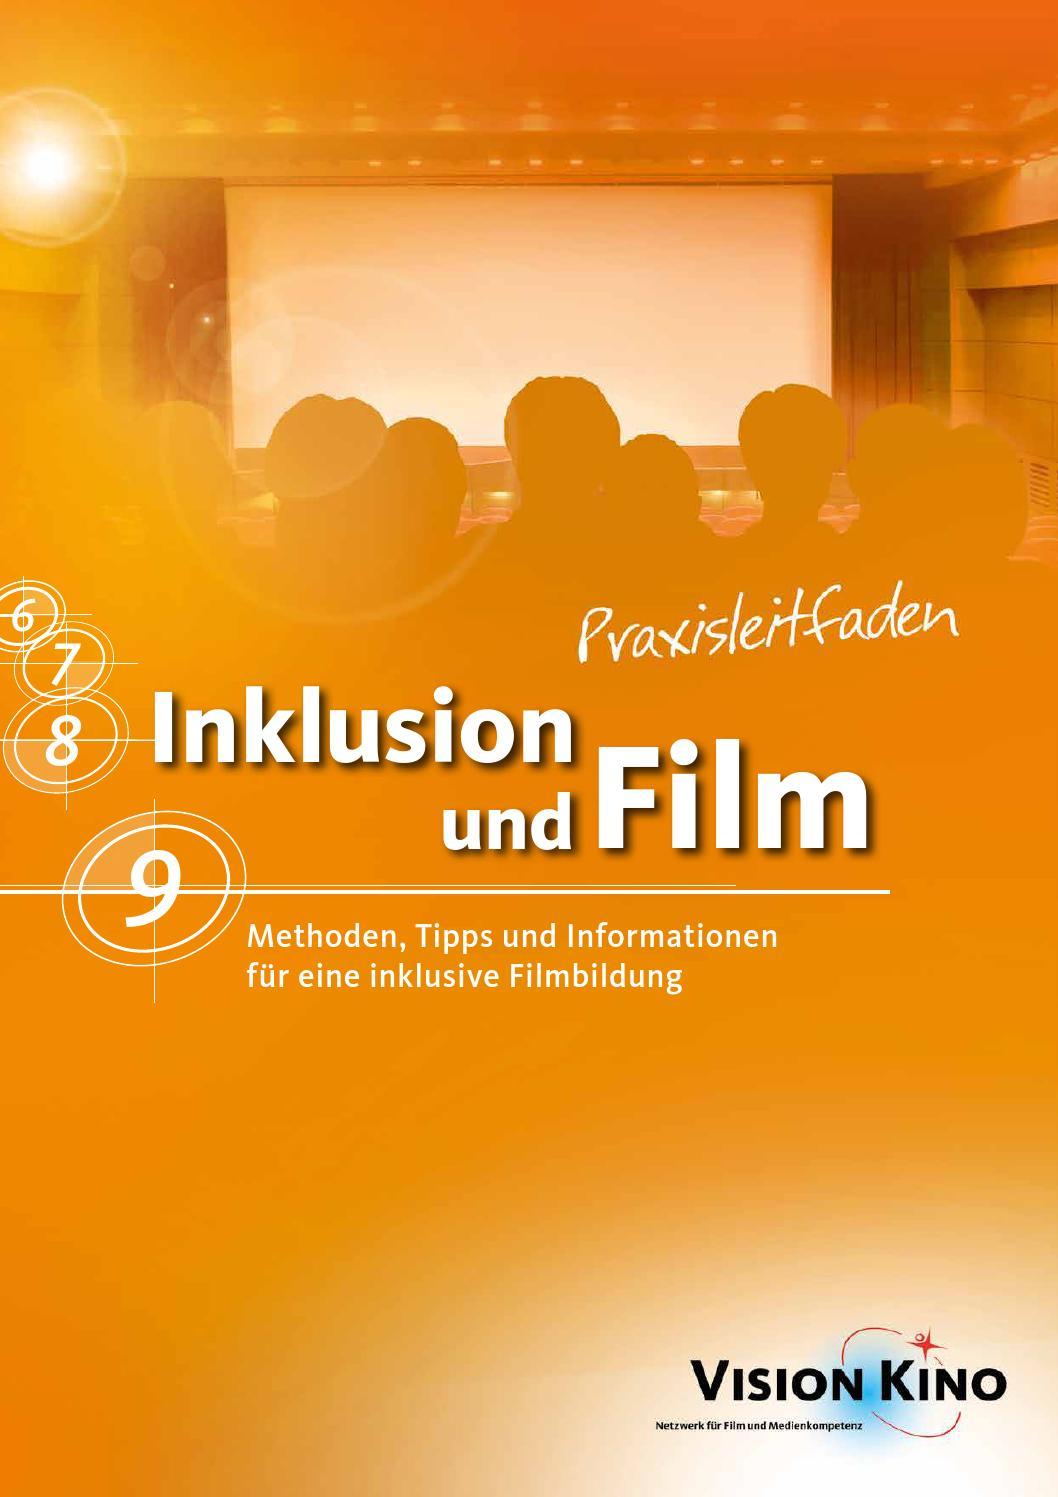 """Praxisleitfaden: """"Inklusion und Film"""" by VISION KINO - issuu"""